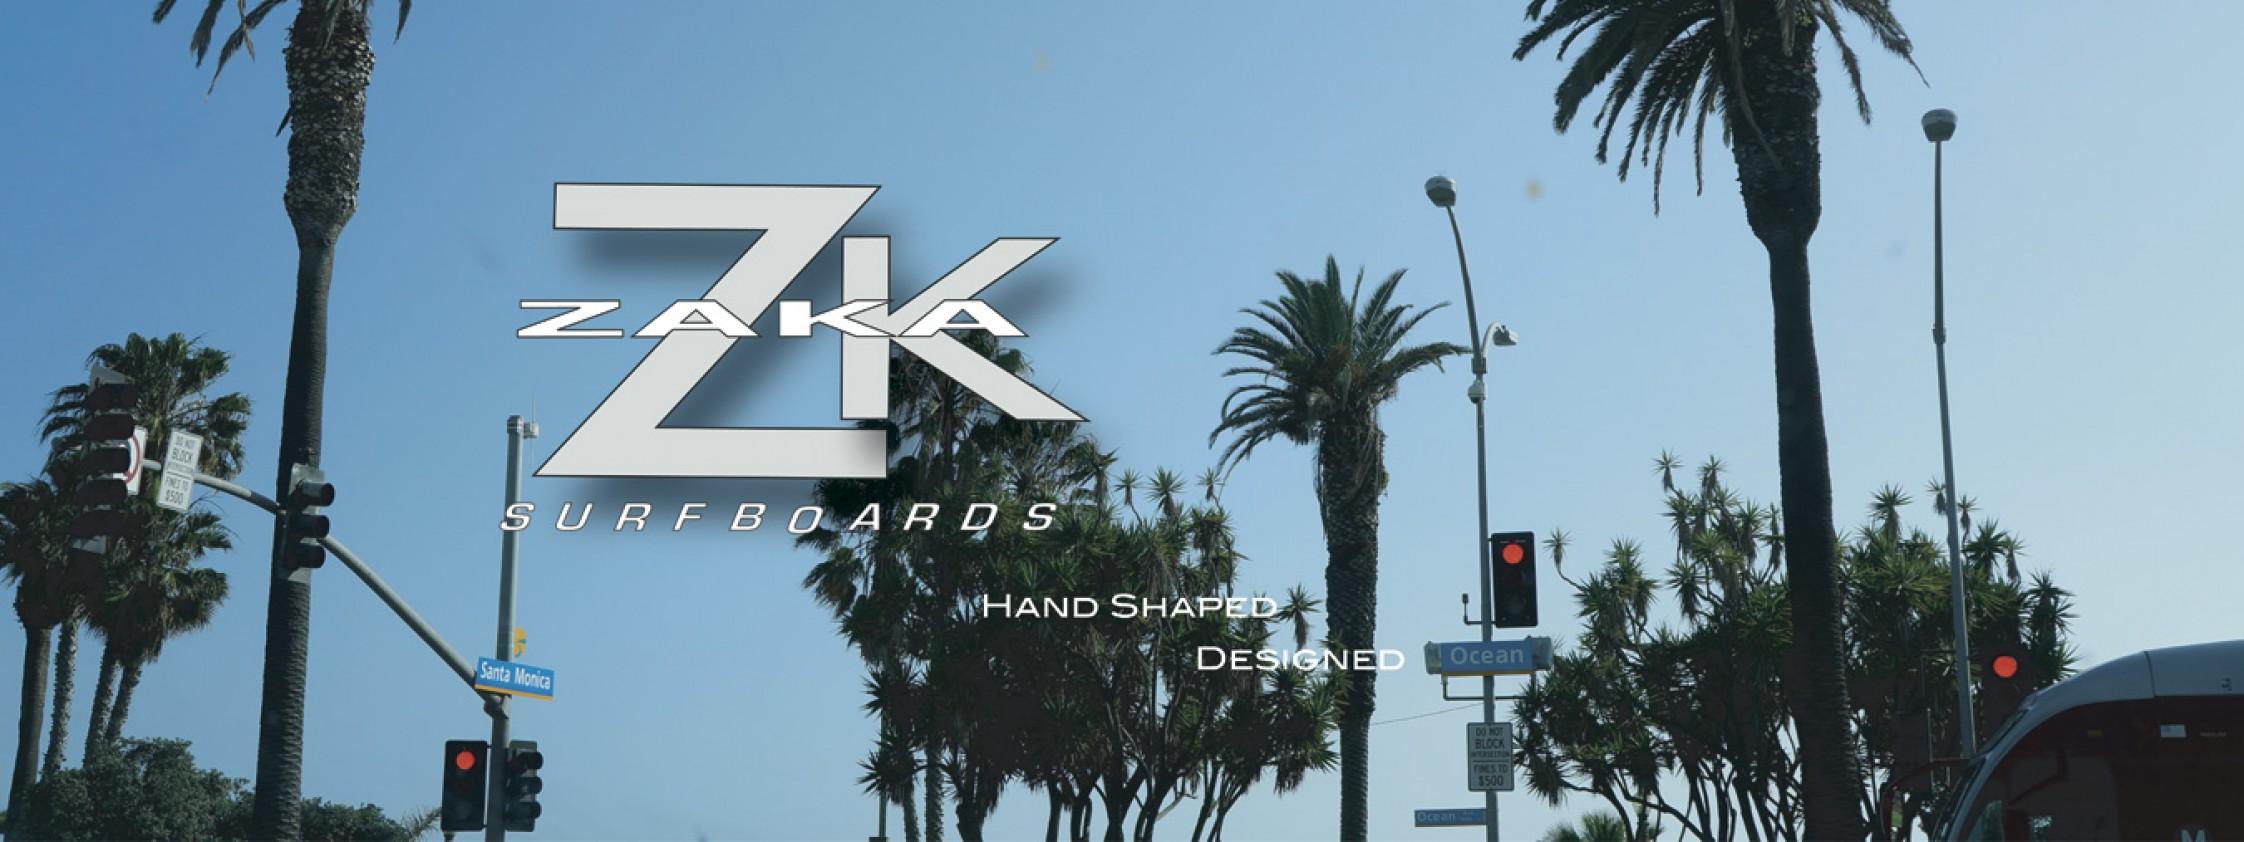 Zaka trip surf